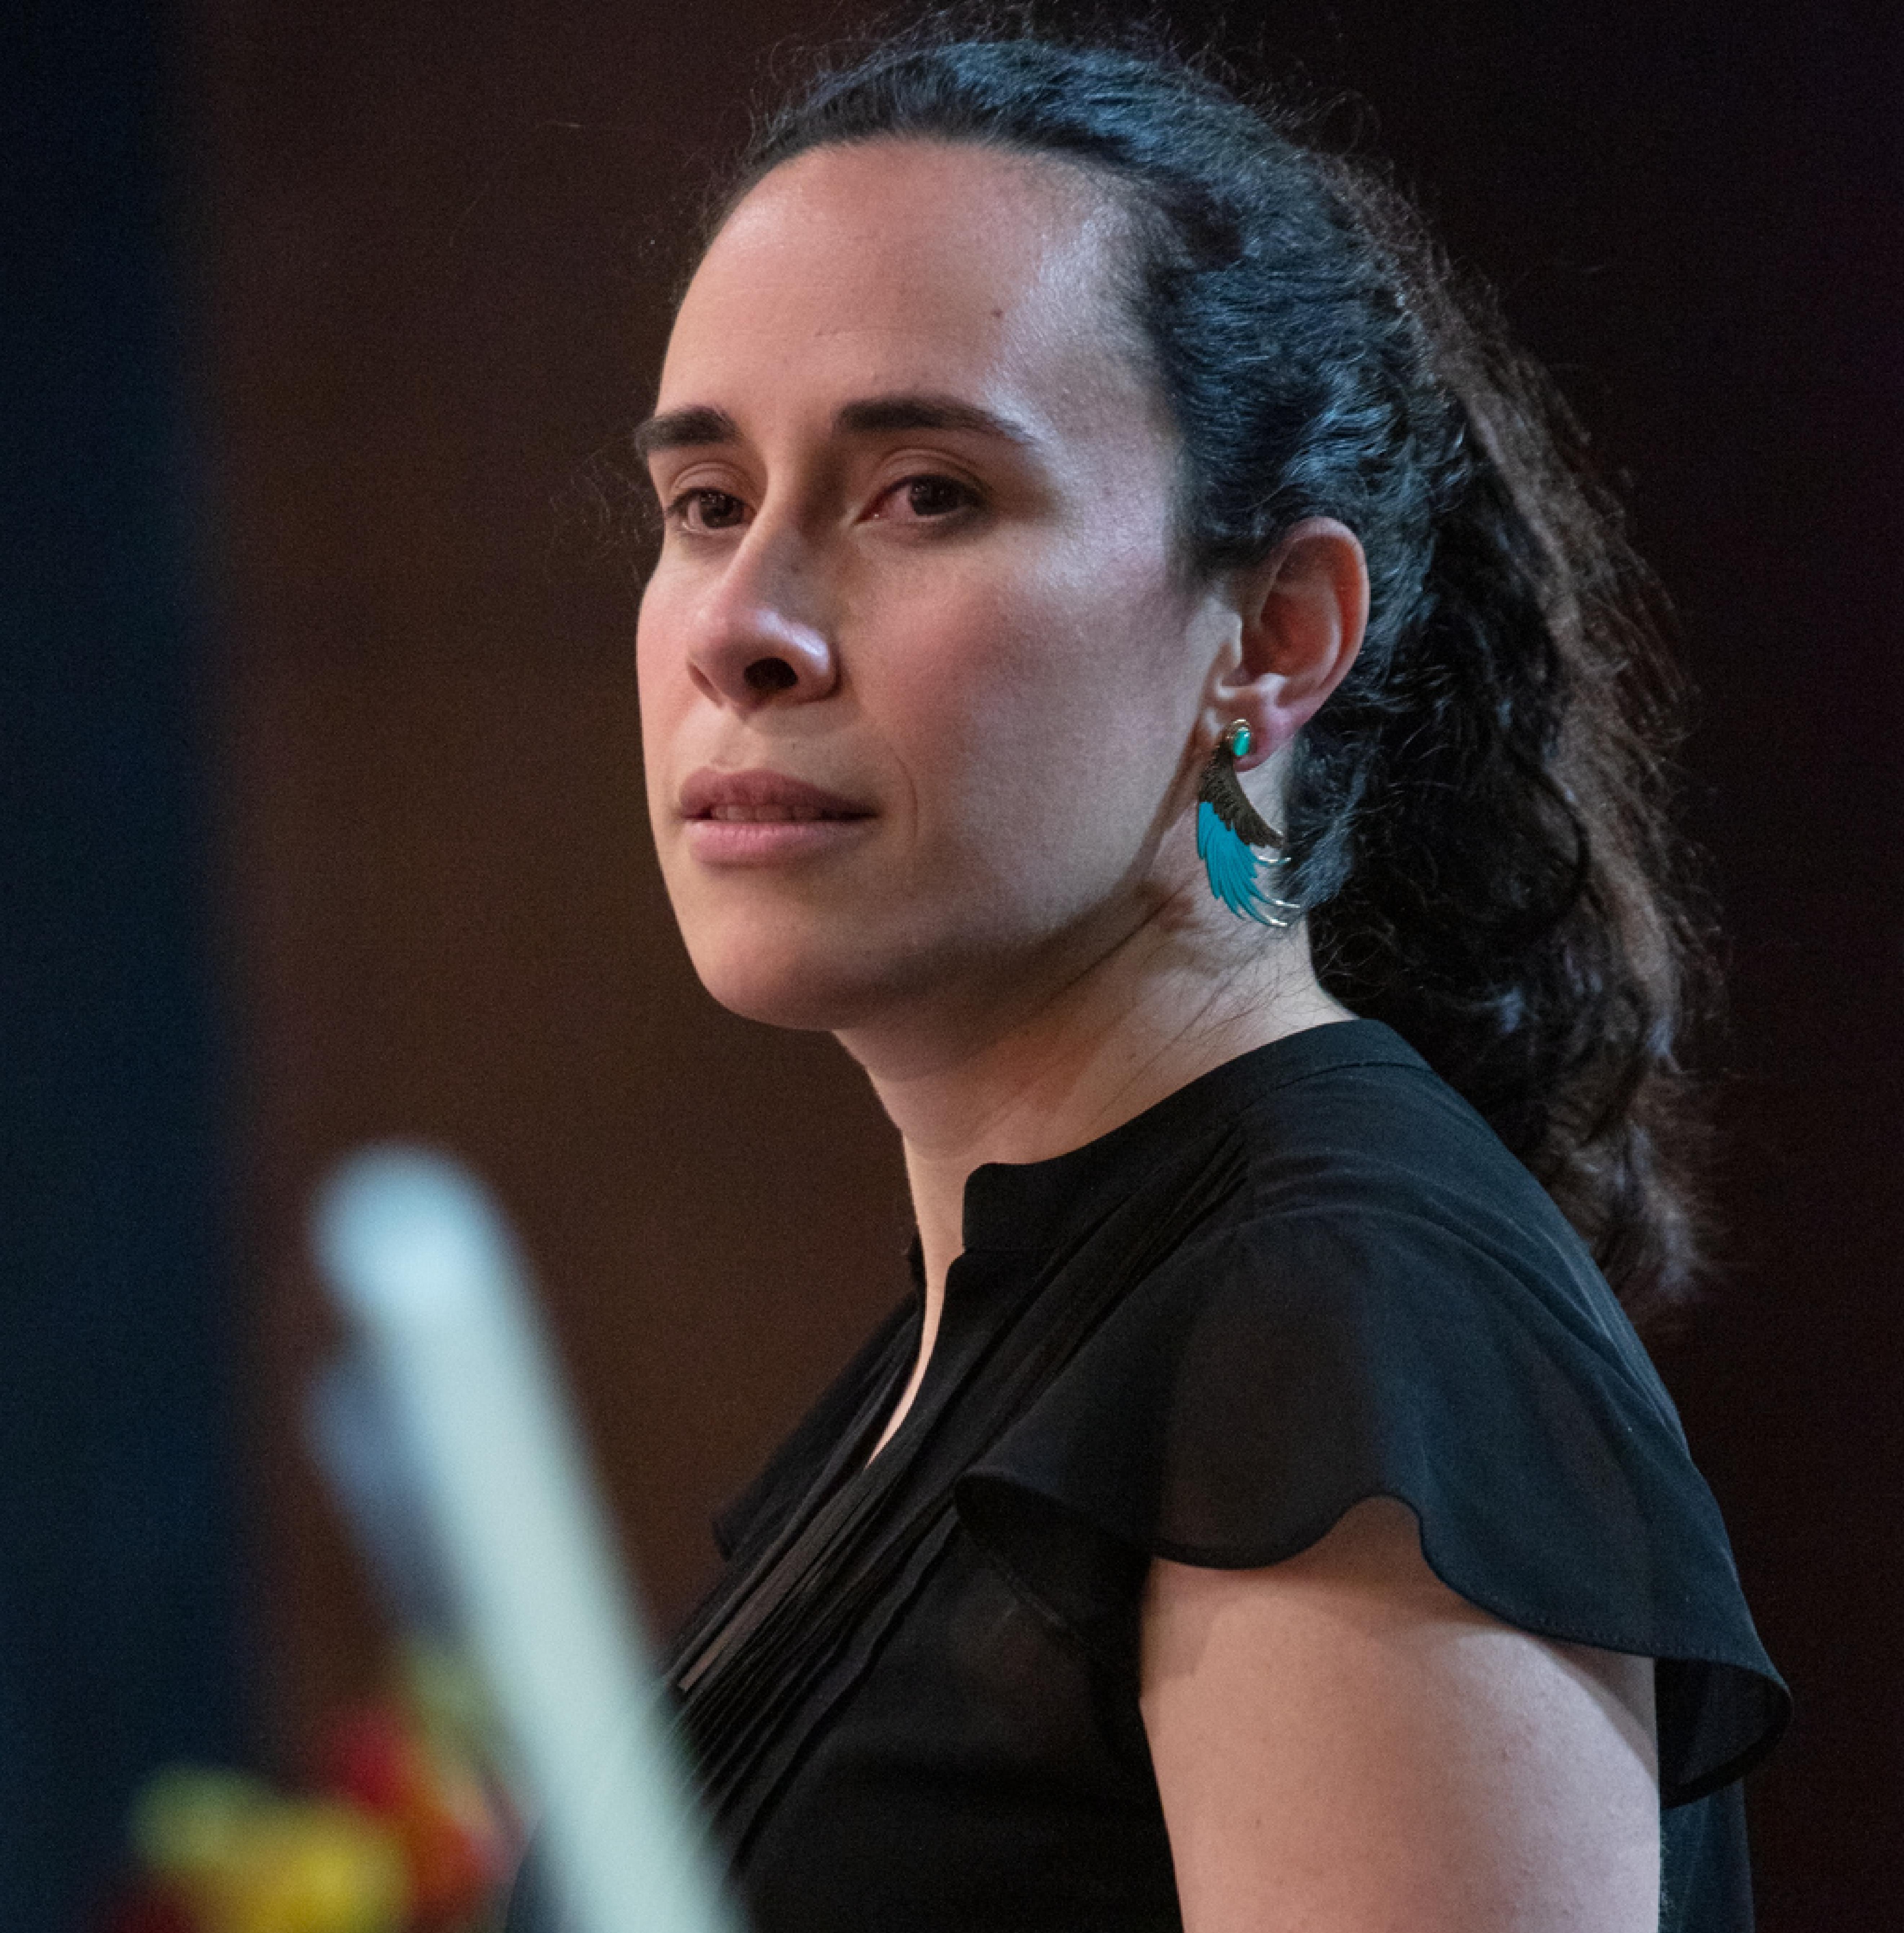 María José Villamil Directora Artística Fosbo